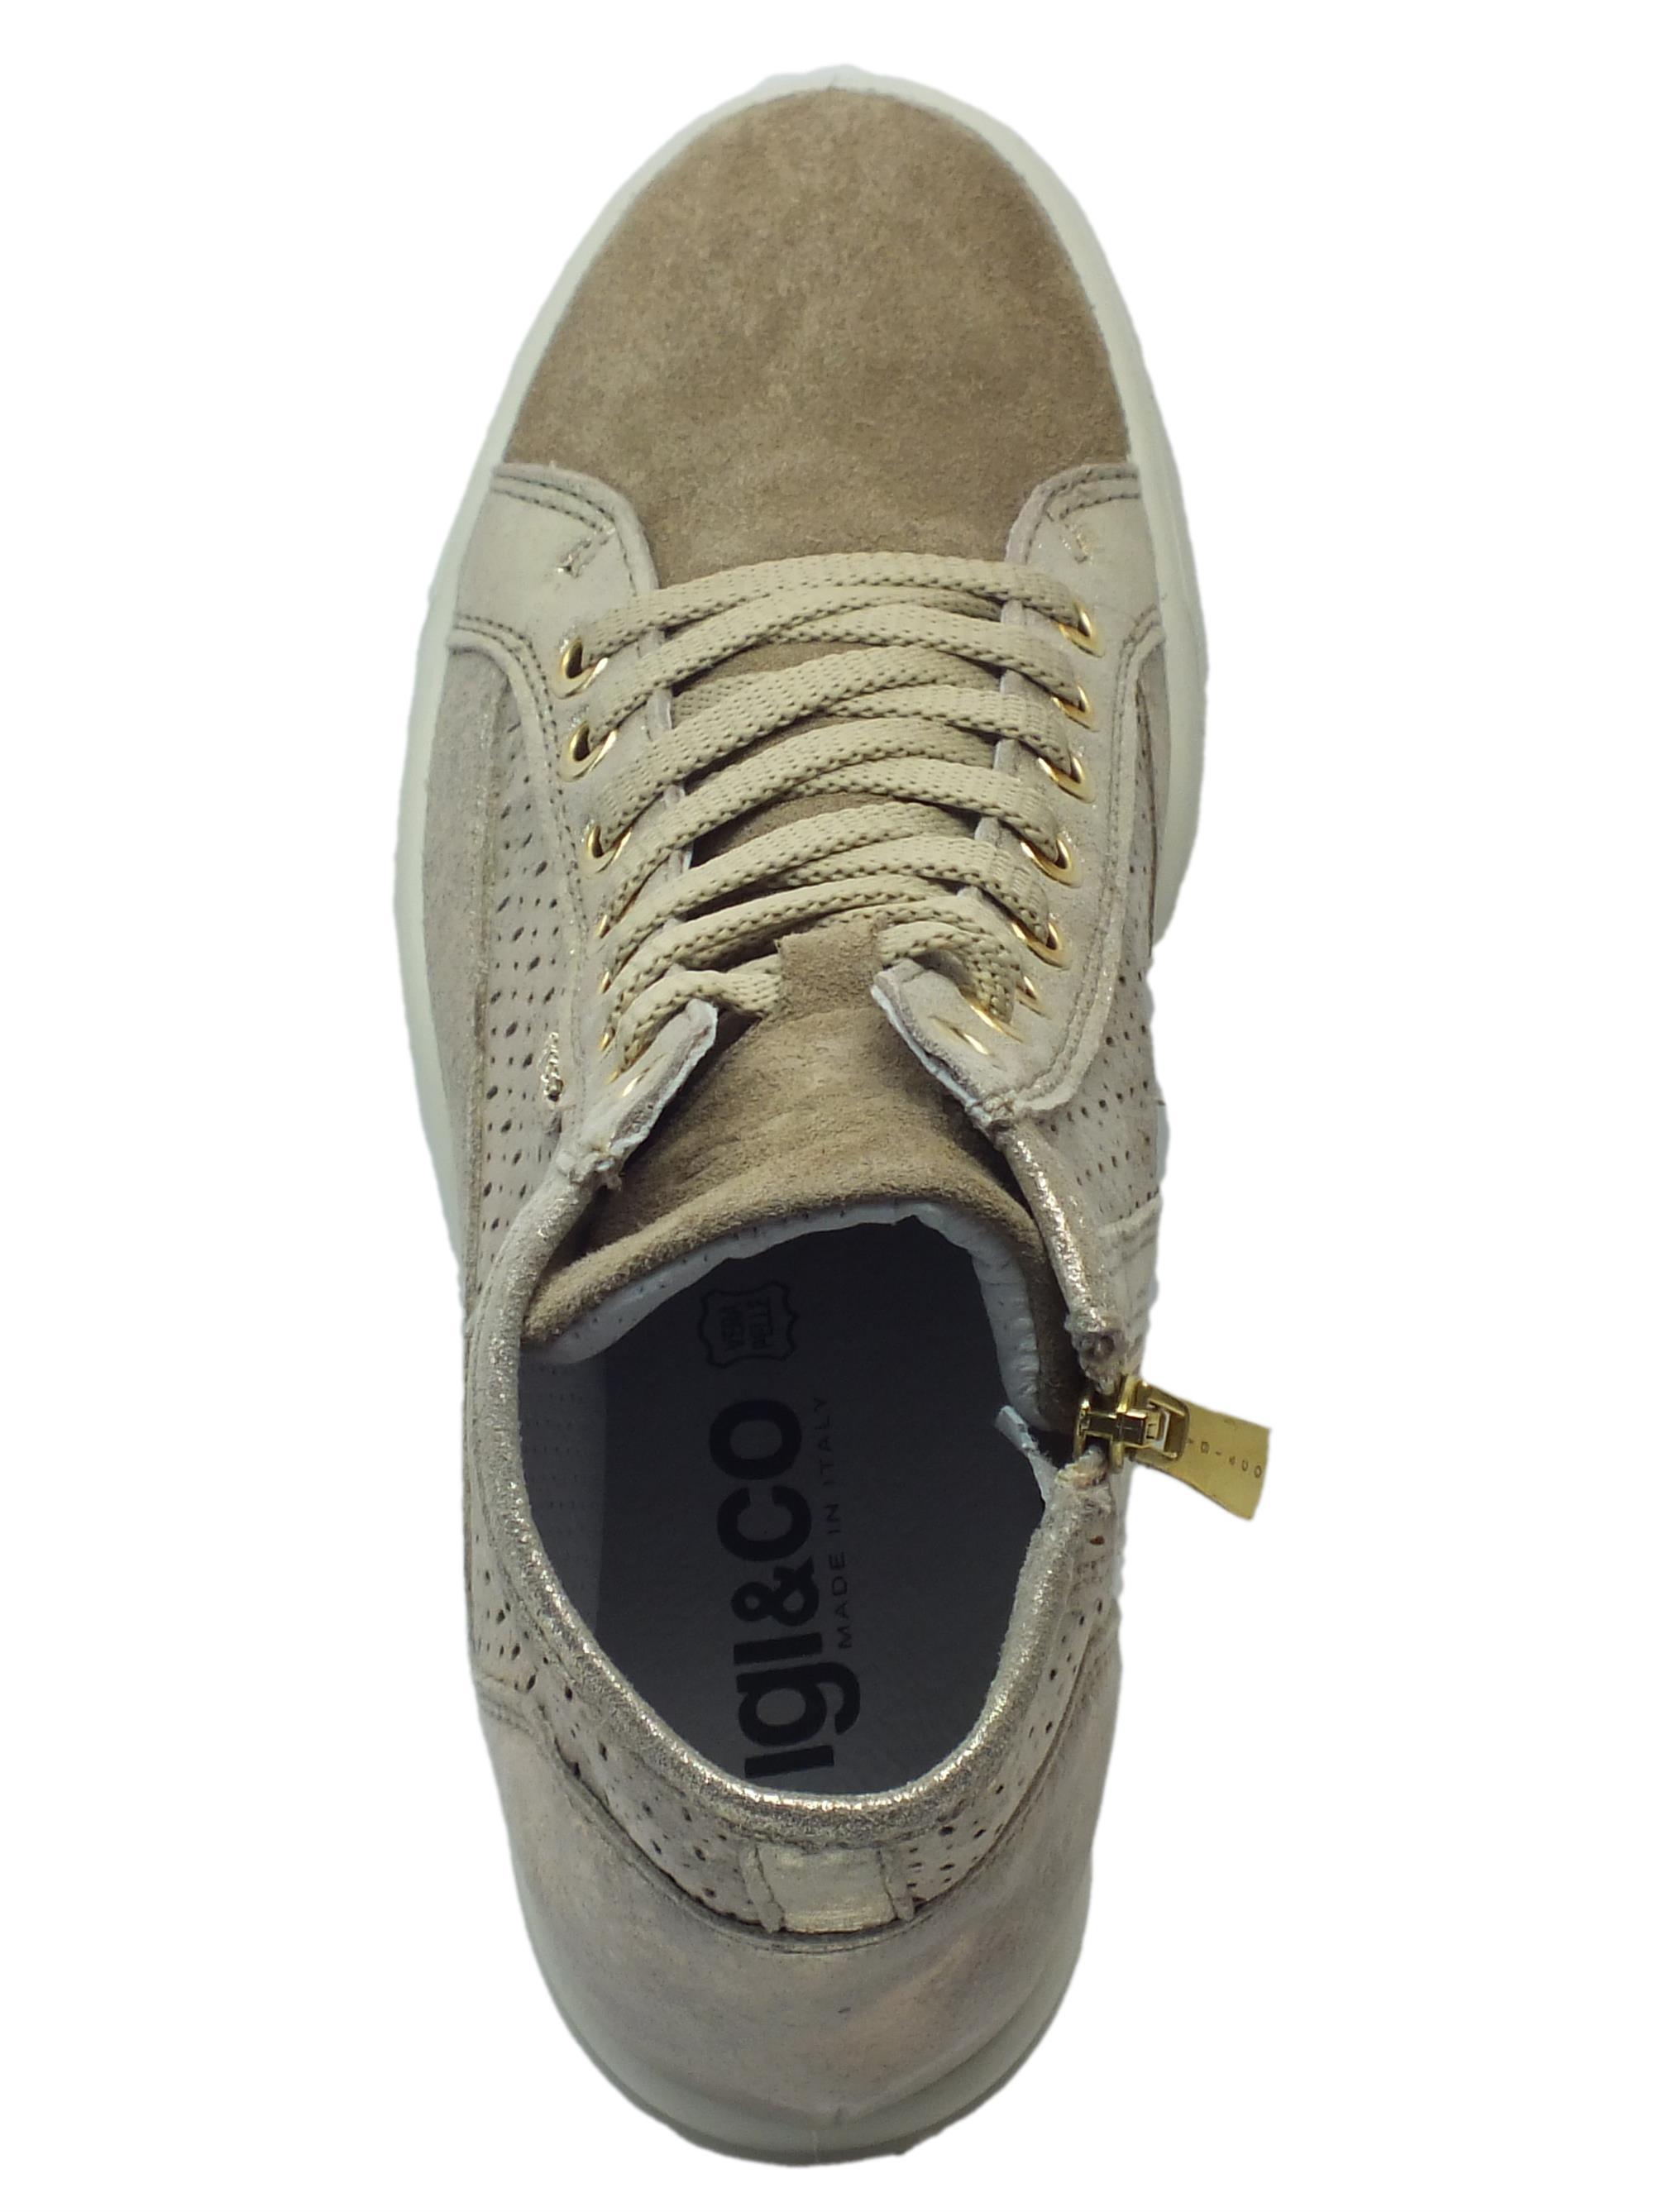 Igi amp;co Donna Perlato Pelle Beige Sneakers Colore Nuvolato Vitiello f6bgyYv7